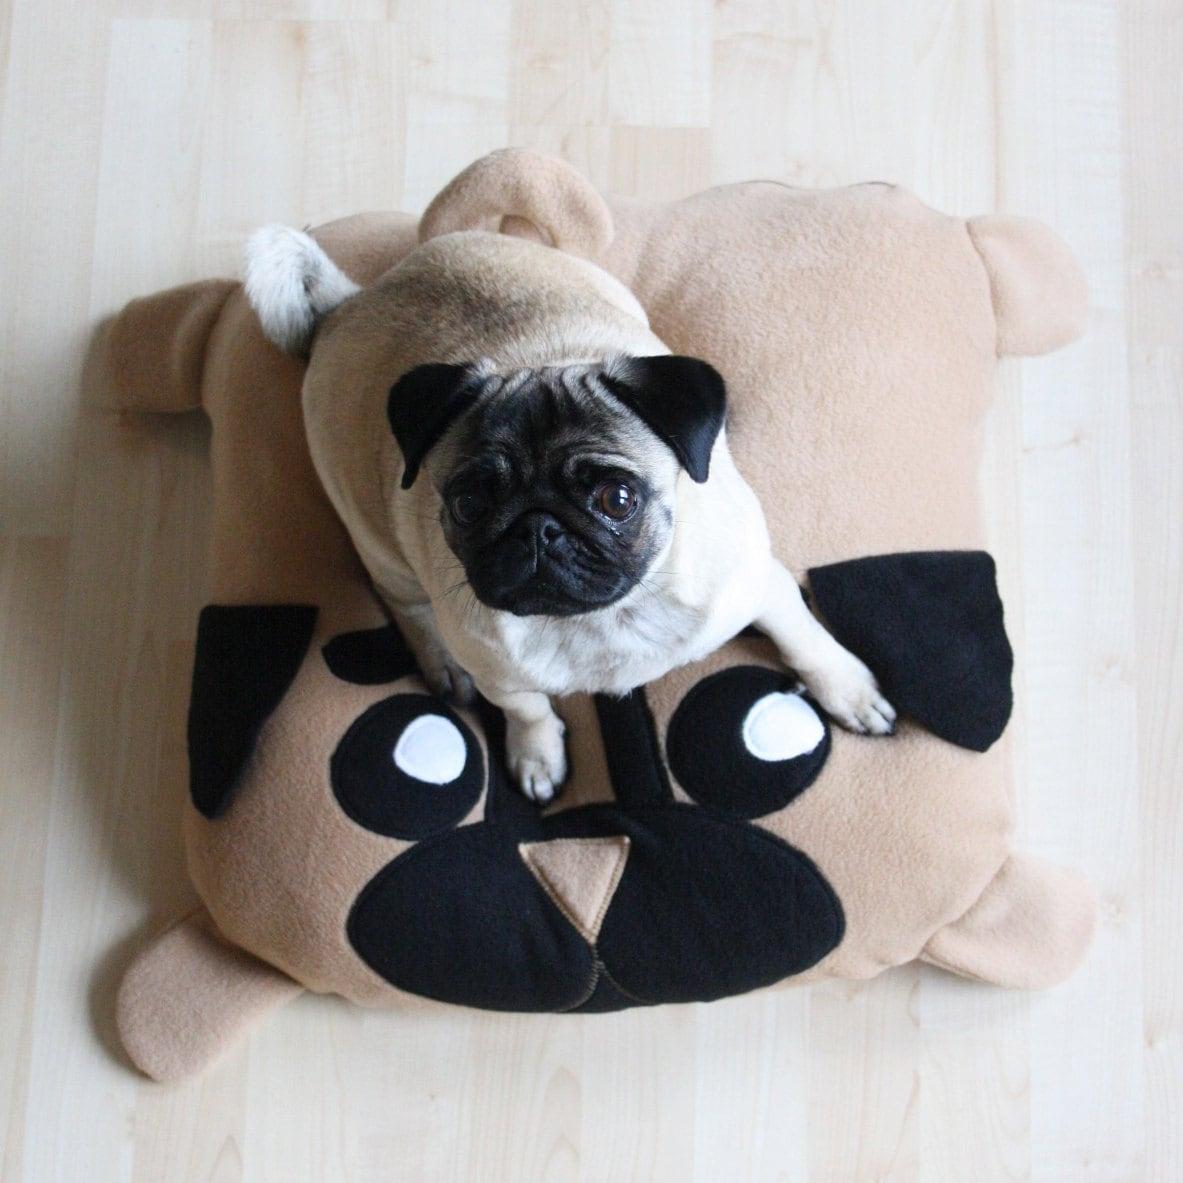 Cute Dog Pillow Beds : XS Pug pillow dog bed pouf pugs cute